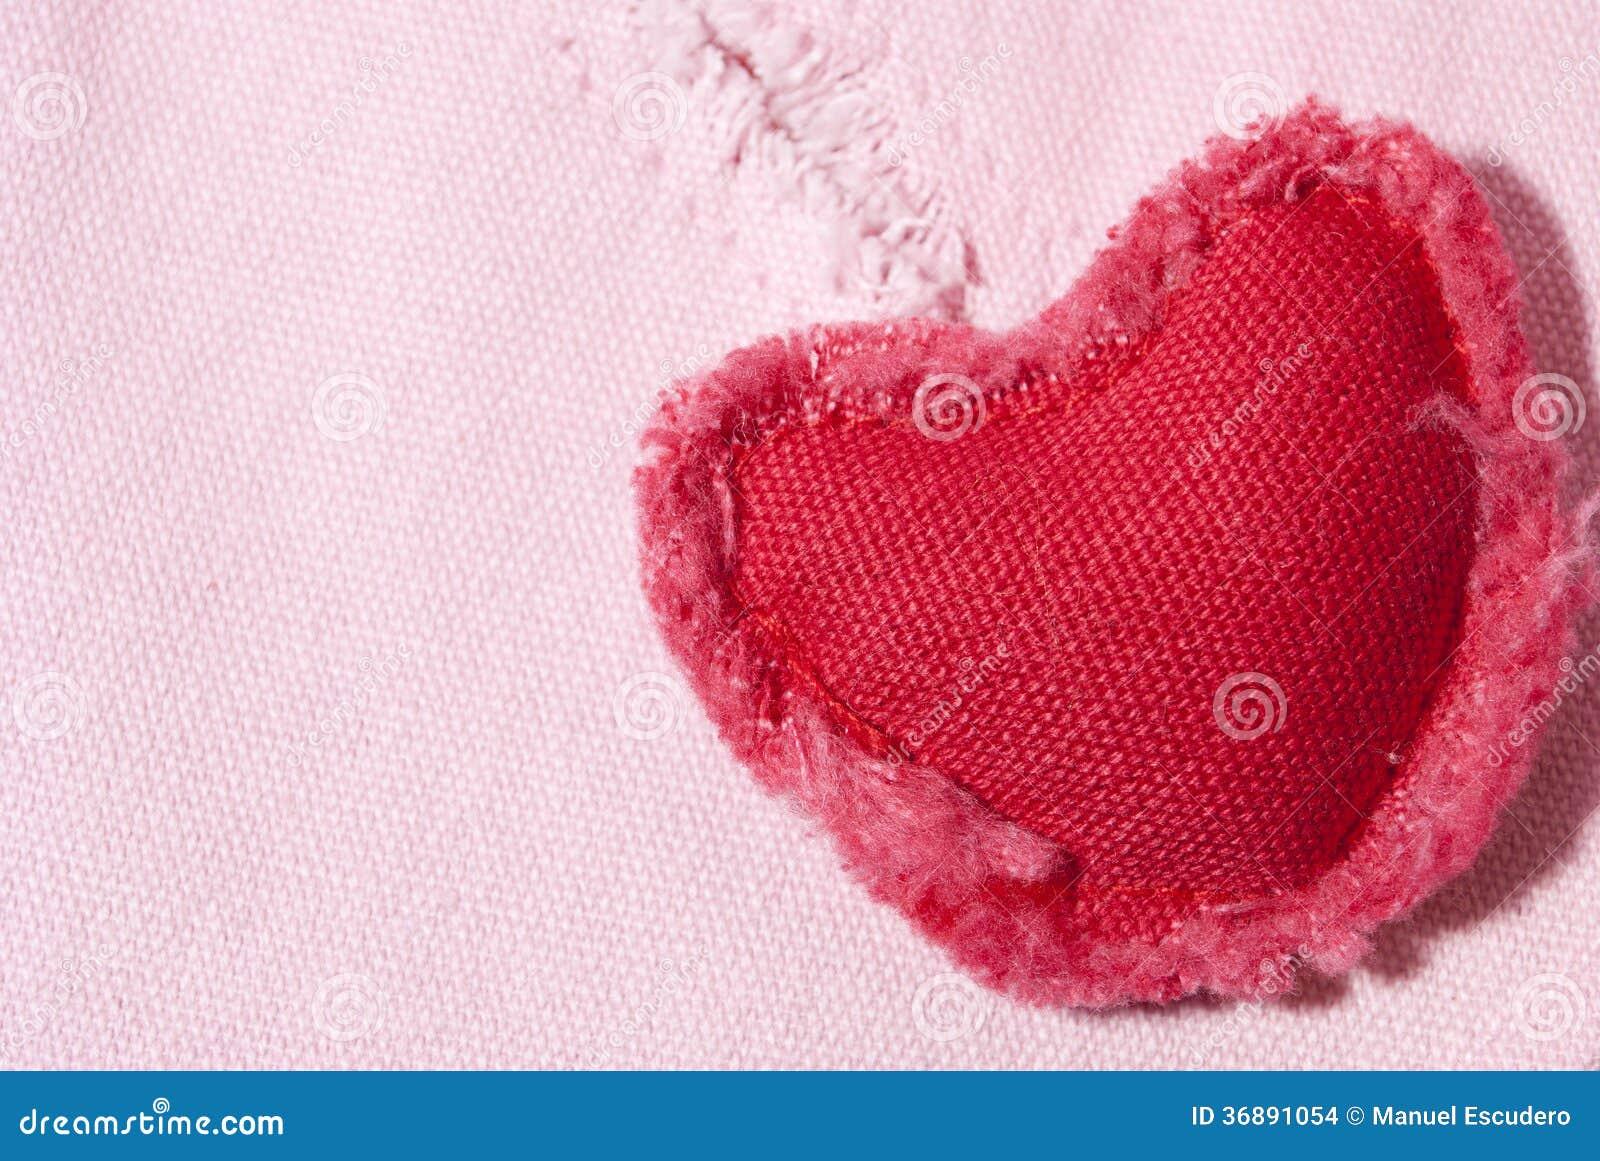 Download Cuore del tessuto. fotografia stock. Immagine di cuore - 36891054